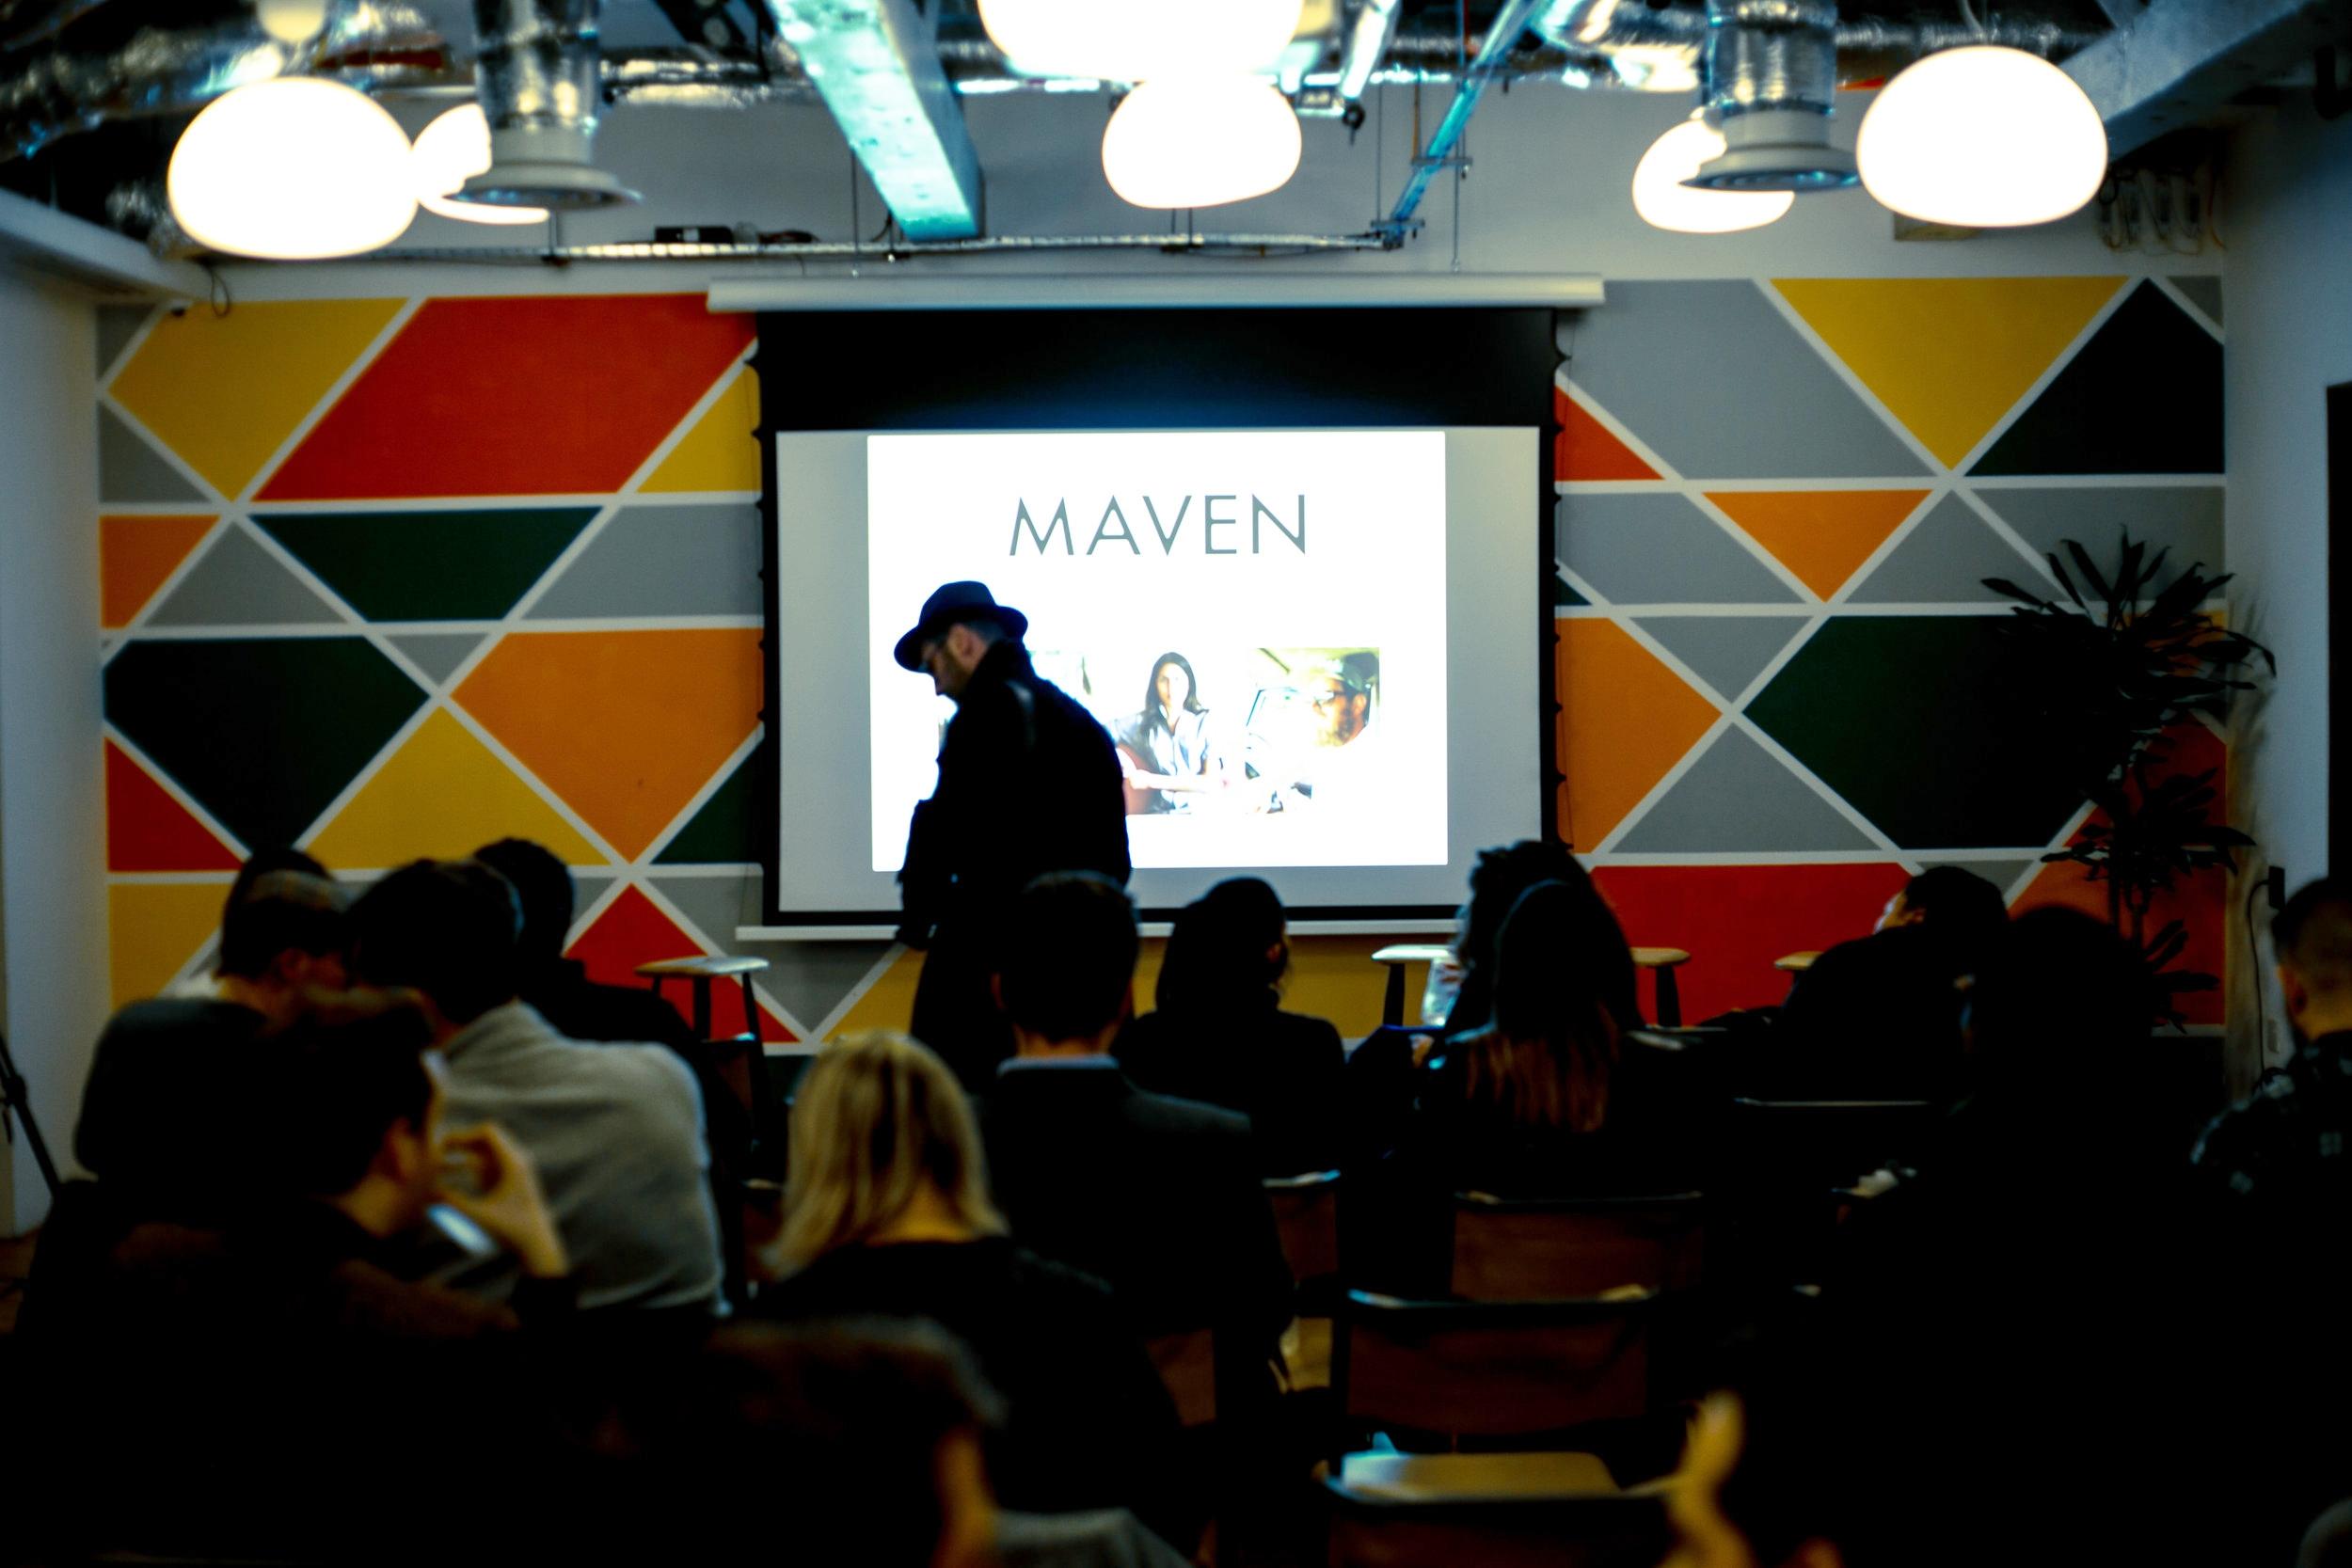 Maven Events